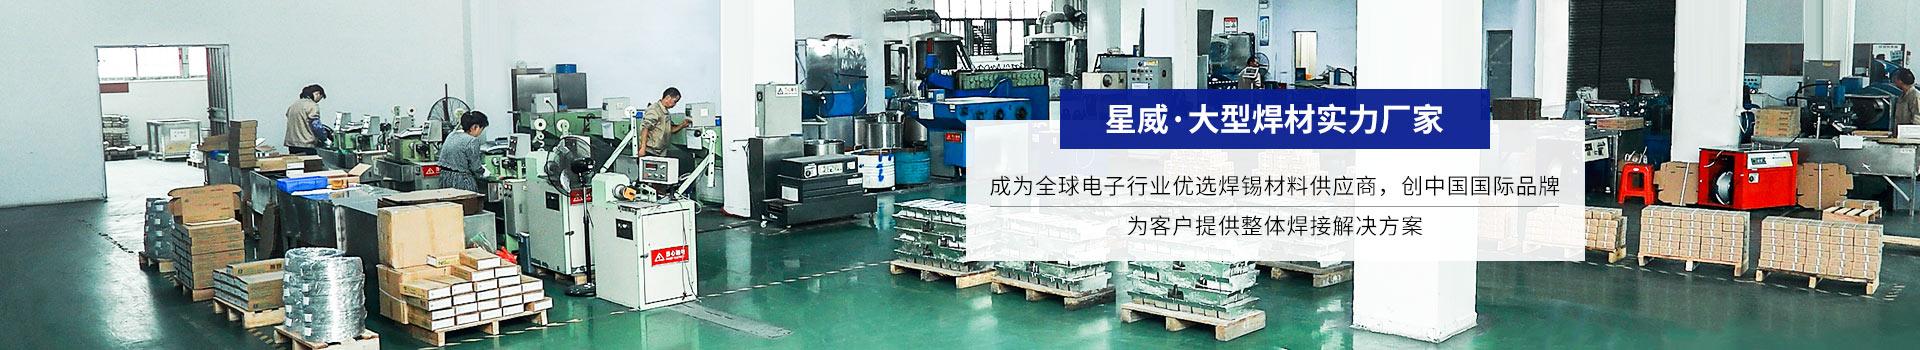 星威 · 大型焊材实力厂家